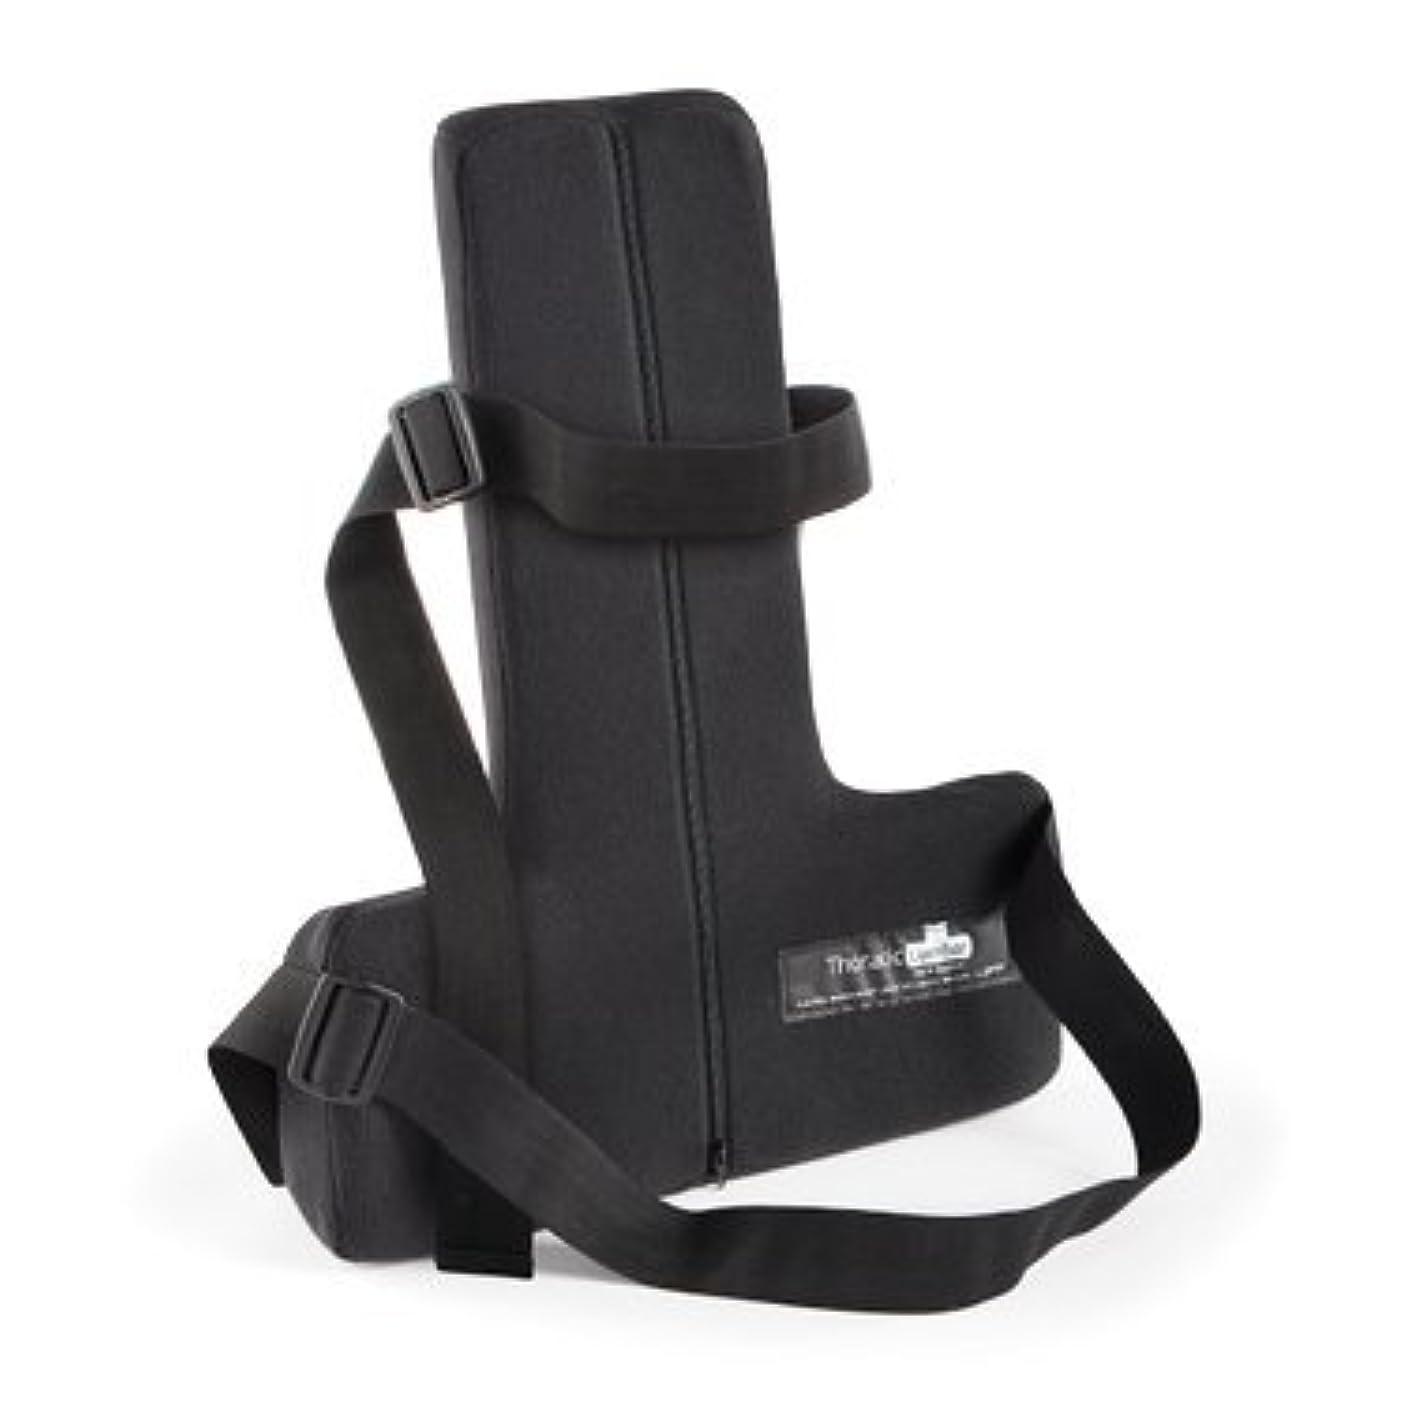 かもしれない甘やかす登場オーピーティー 自宅 車内 オフィス 椅子腰椎サポート 正しい姿勢で背中 肩 首への負担を減らすクッション